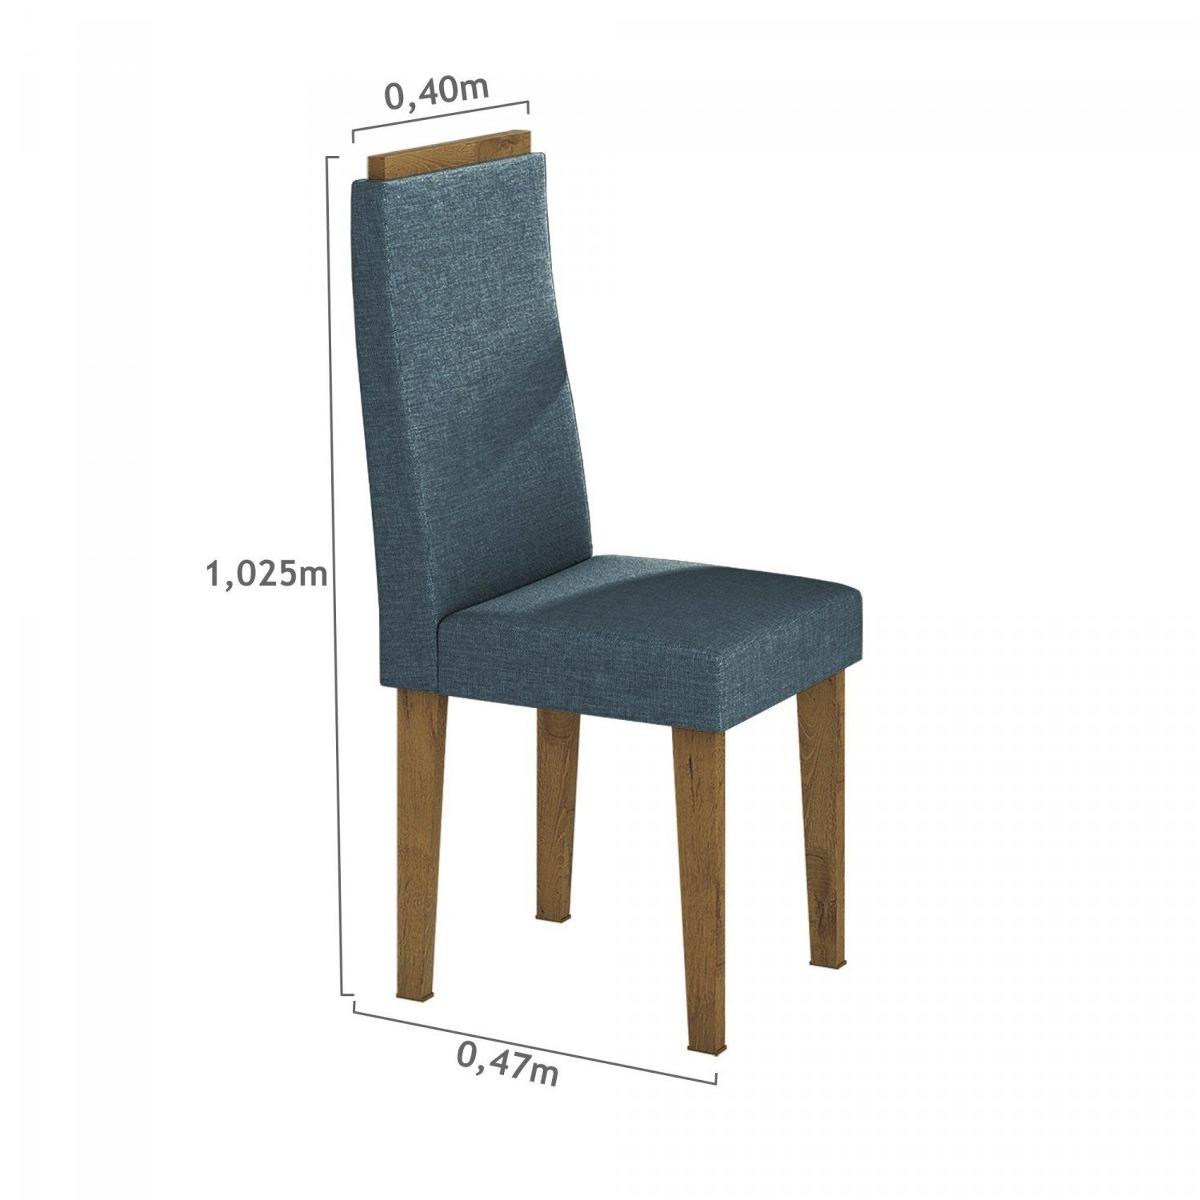 8747a104b sala jantar tampo em vidro 6 cadeiras dafne móveis ic. Carregando zoom... sala  jantar móveis. Carregando zoom.